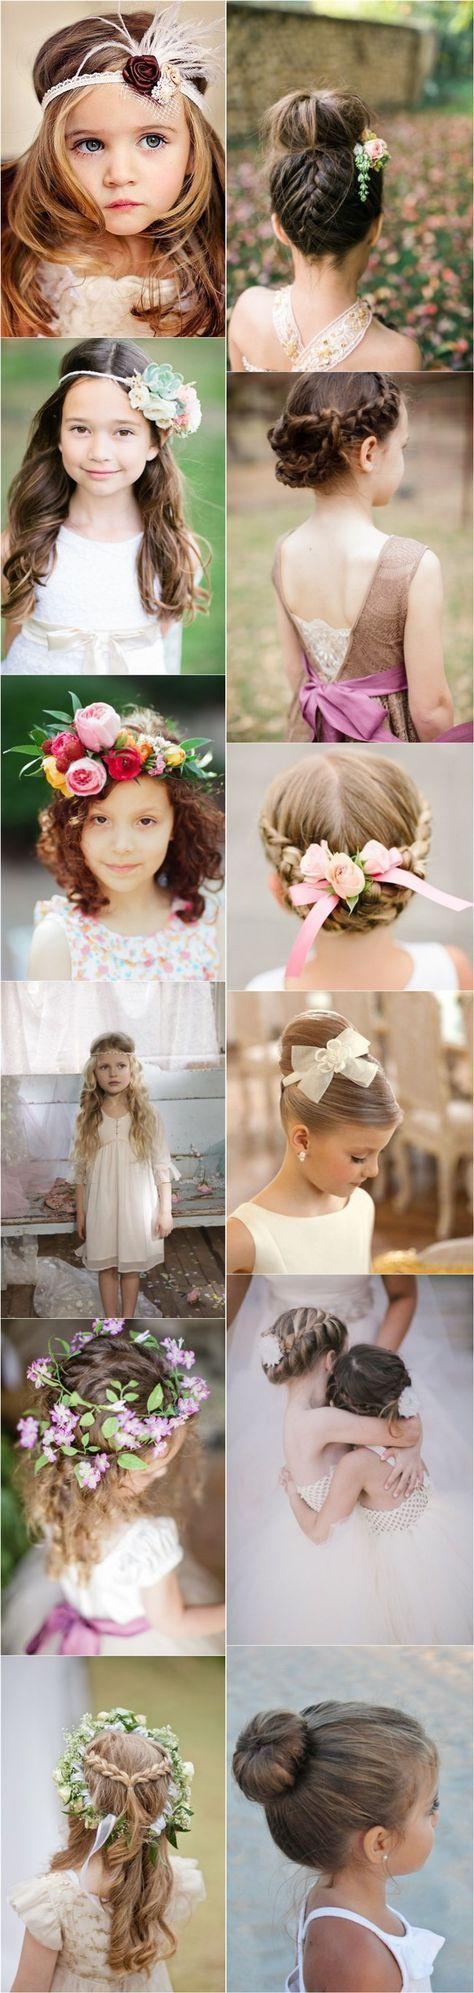 12 super süße kleine Mädchen Frisuren für die Hochzeit - Christina